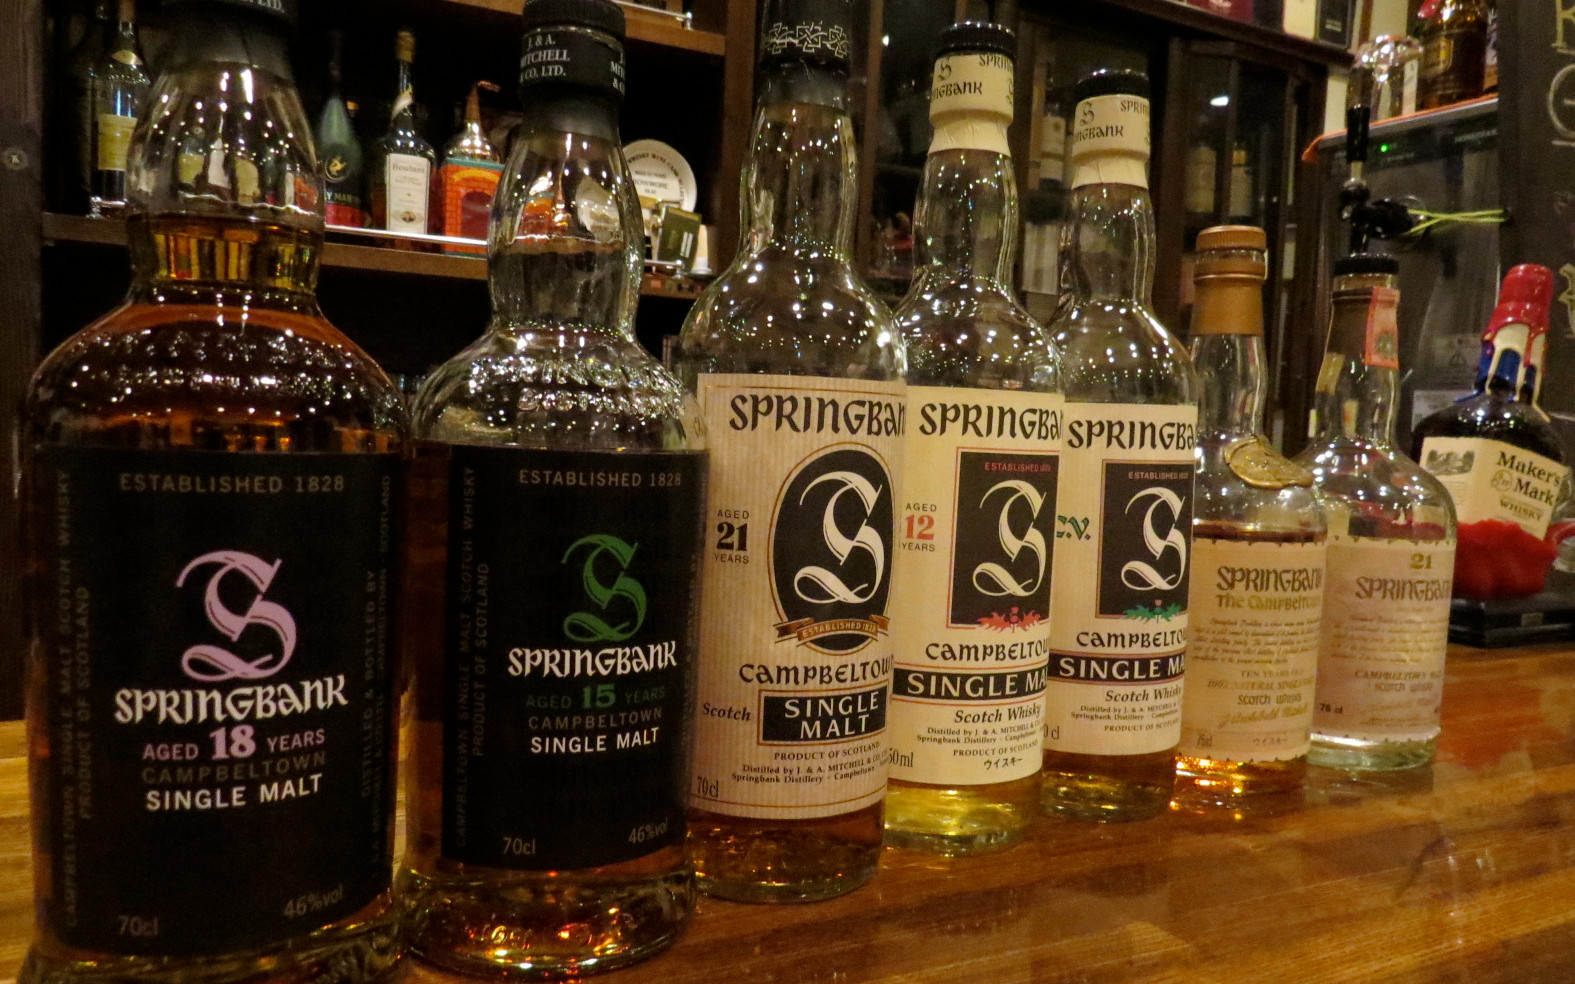 スプリング バンク | 乗鞍高原 | ウィスキー | モルト | Spring Bank | whisky | Japan |